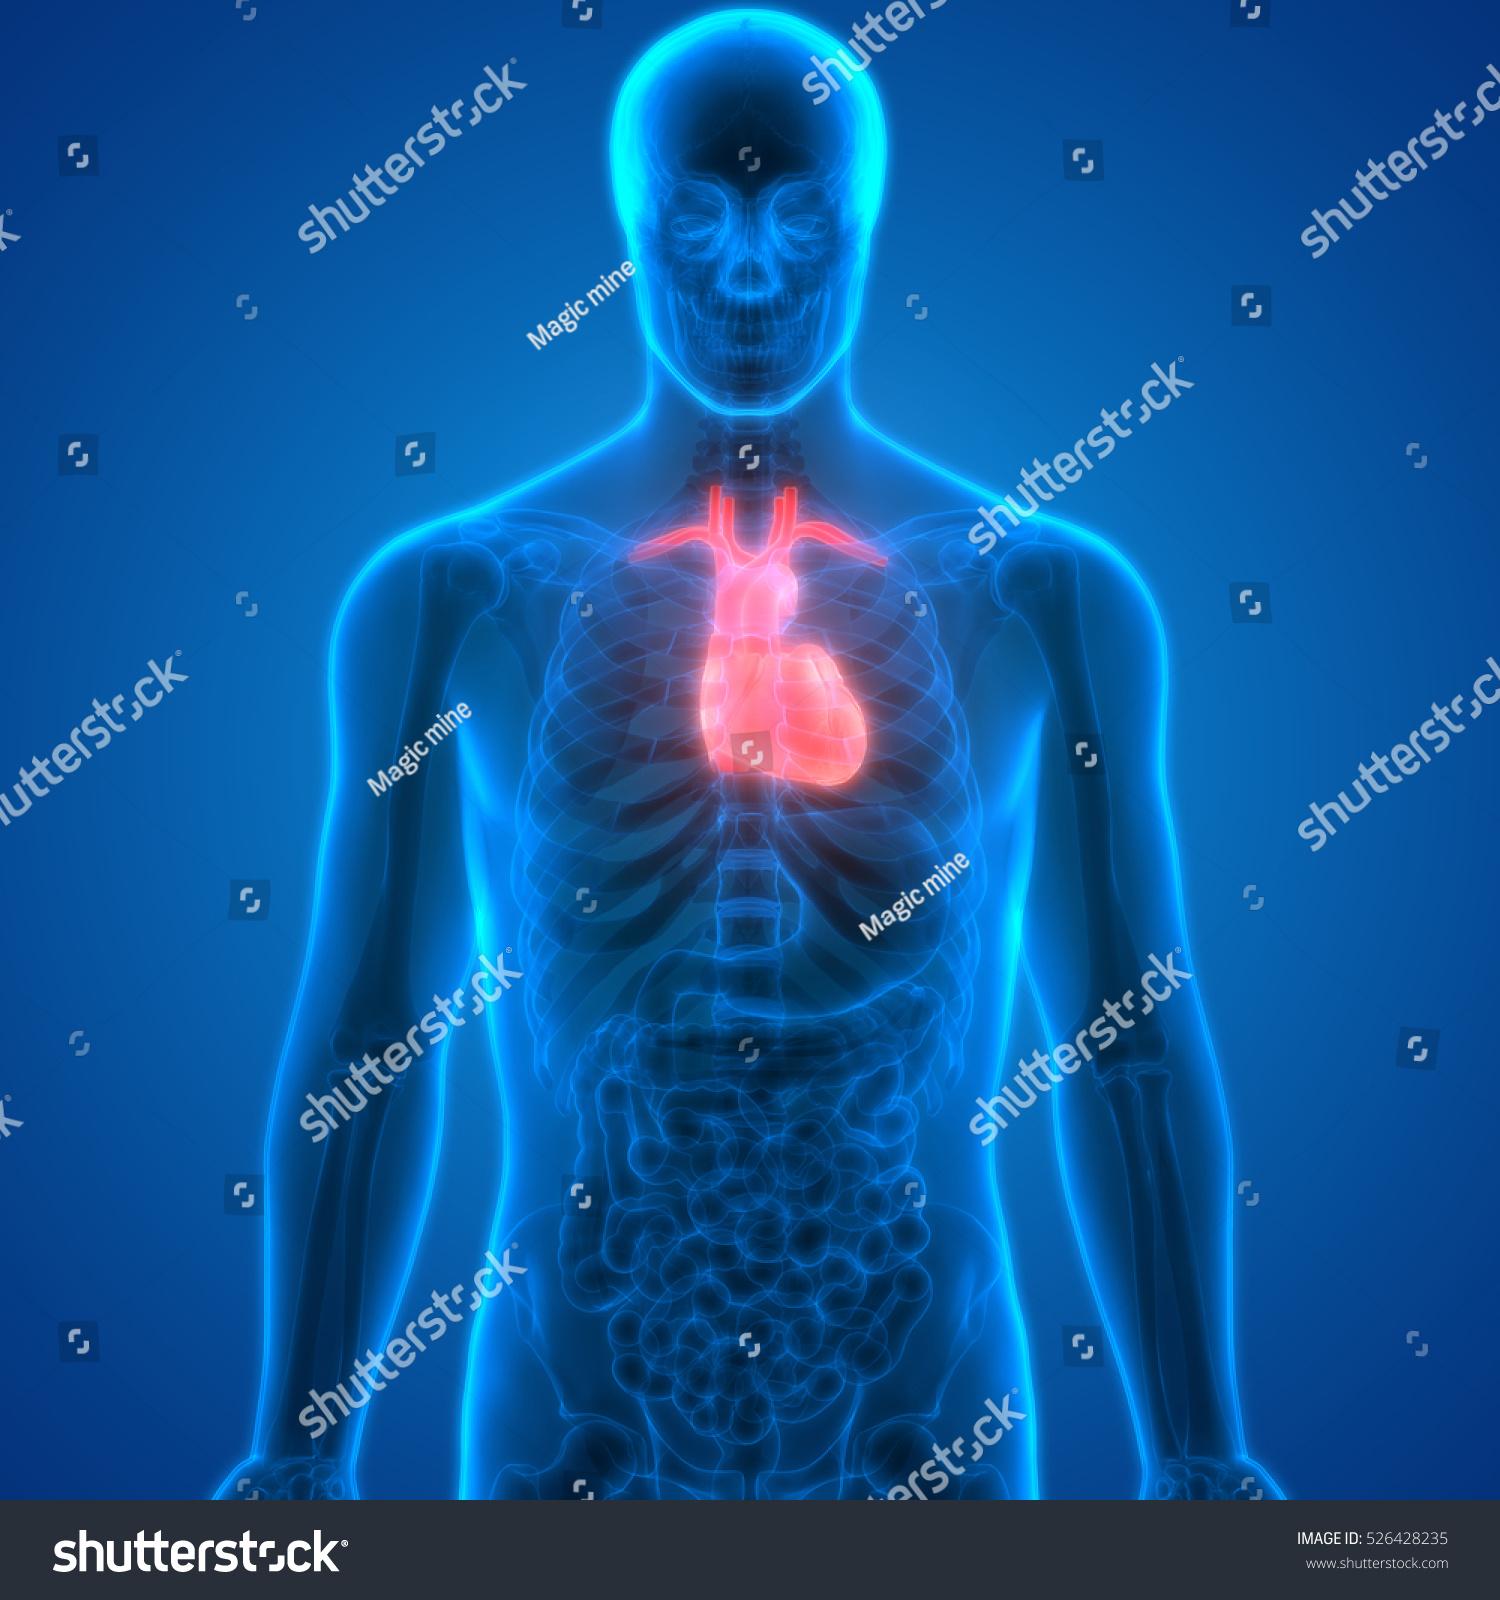 Human Body Organs (Heart Anatomy). 3D | EZ Canvas